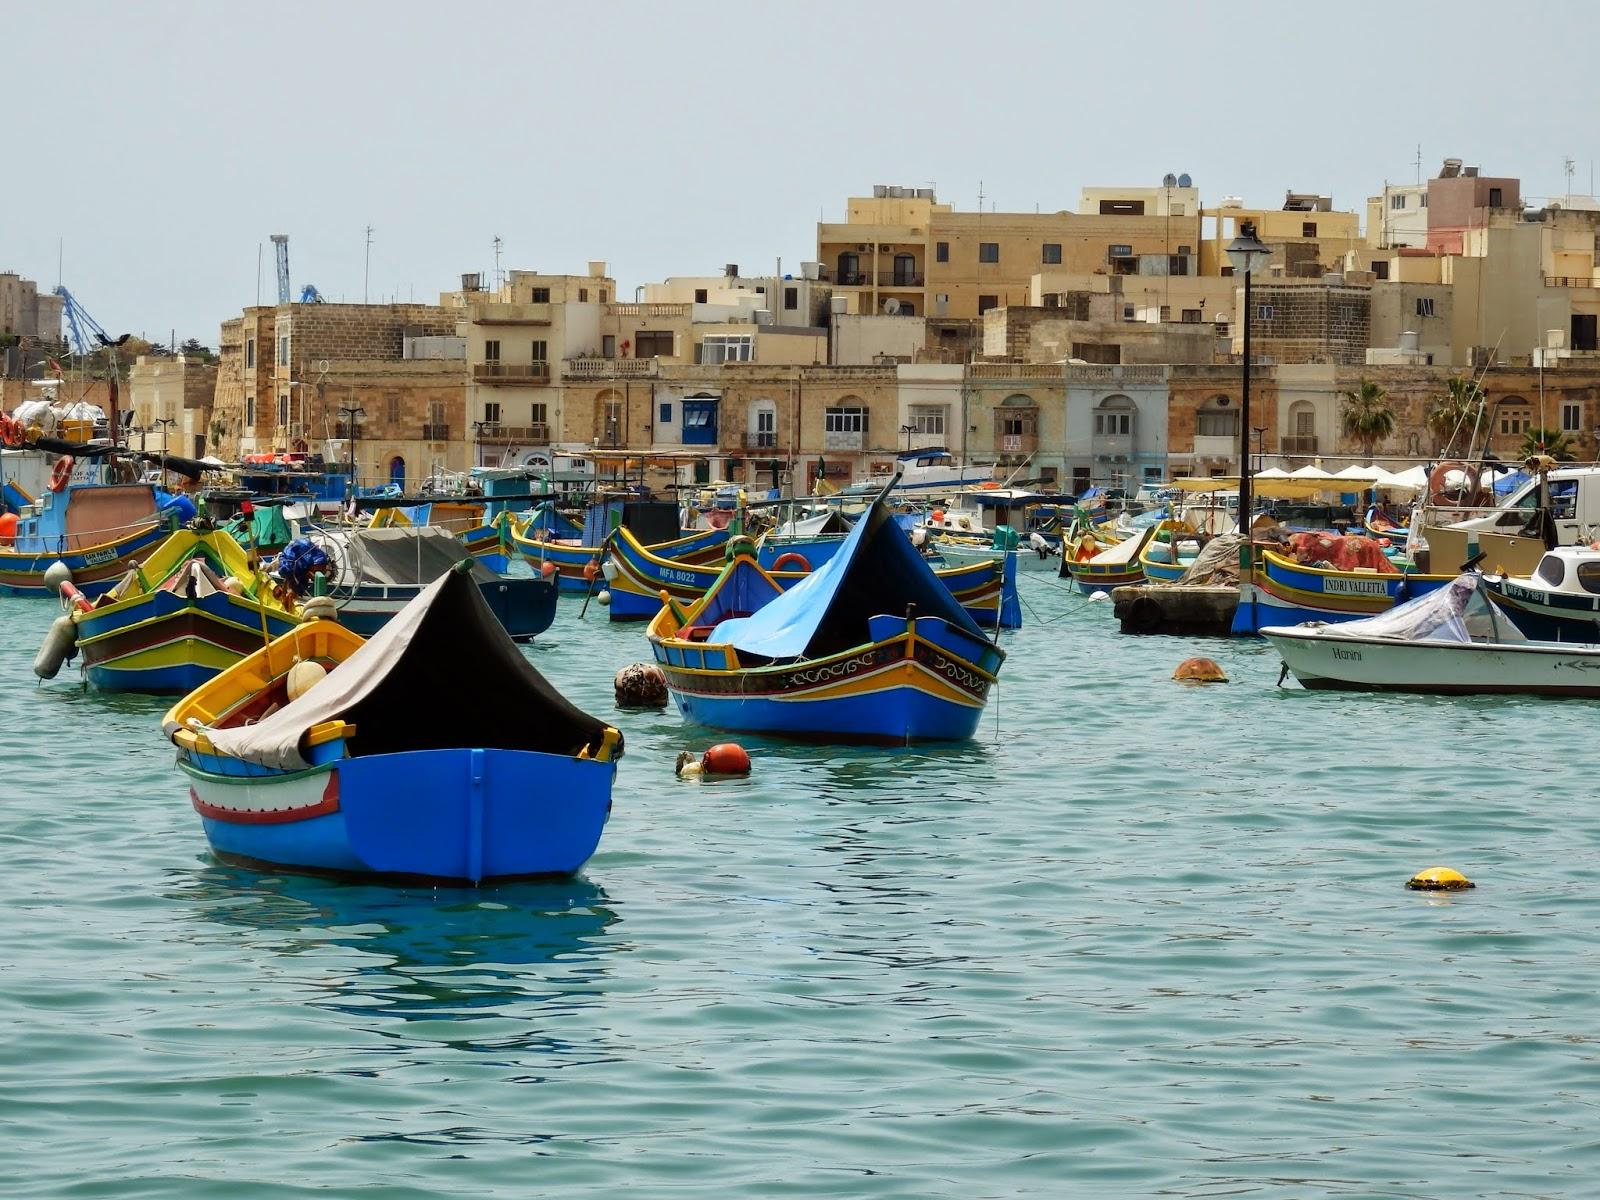 Traditional fishing boats at Marsaxlokk, Malta